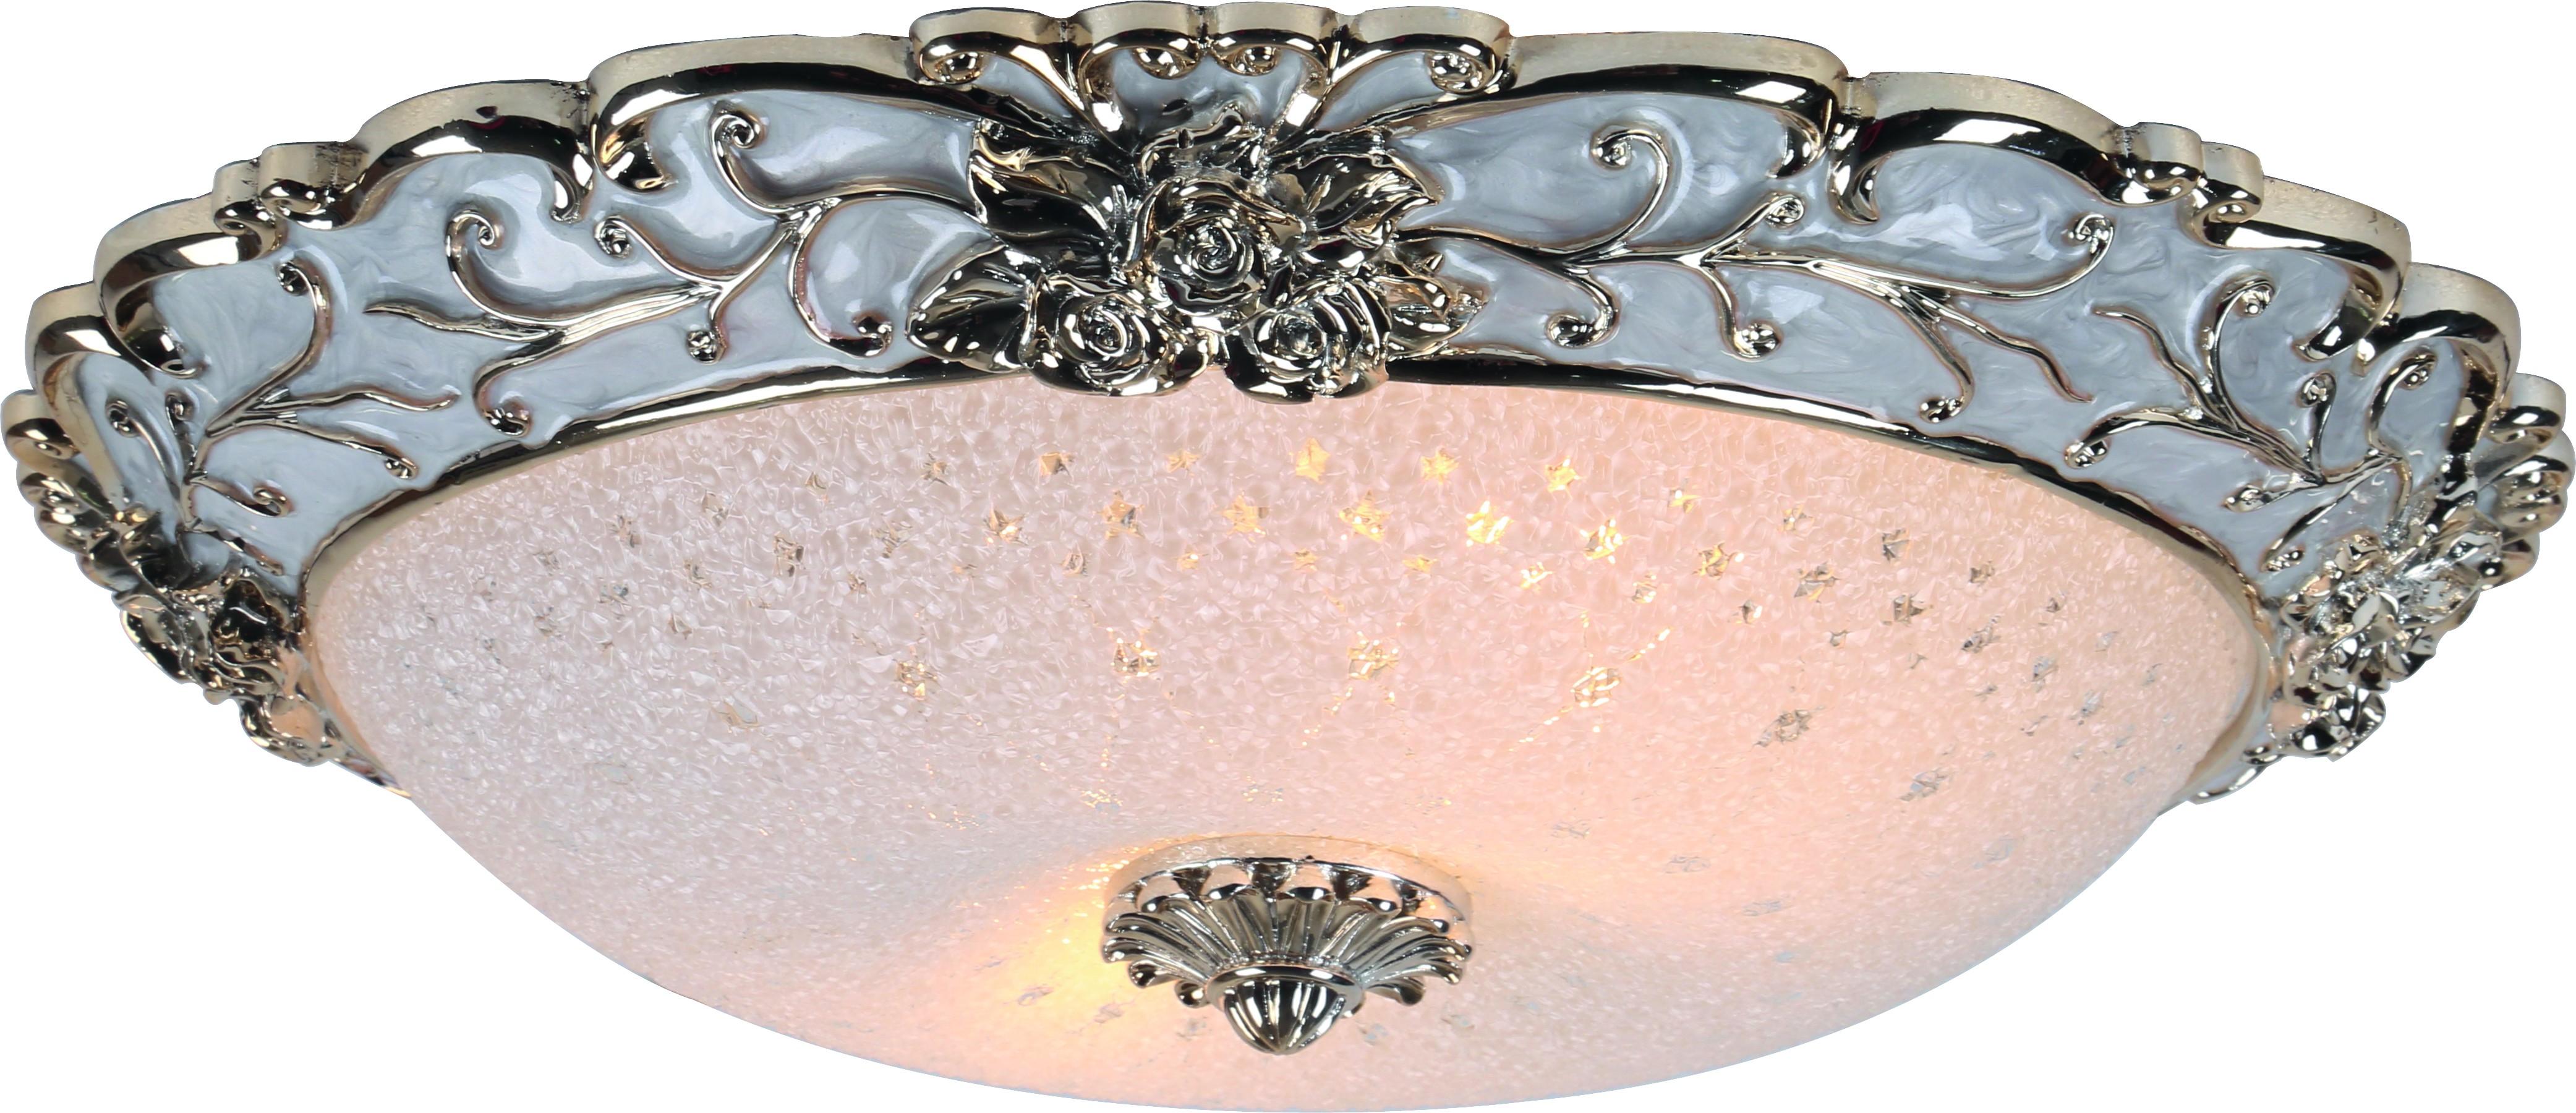 Светильник настенно-потолочный Arte lamp A7135pl-2wh настенно потолочный светильник artelamp a7930ap 2wh